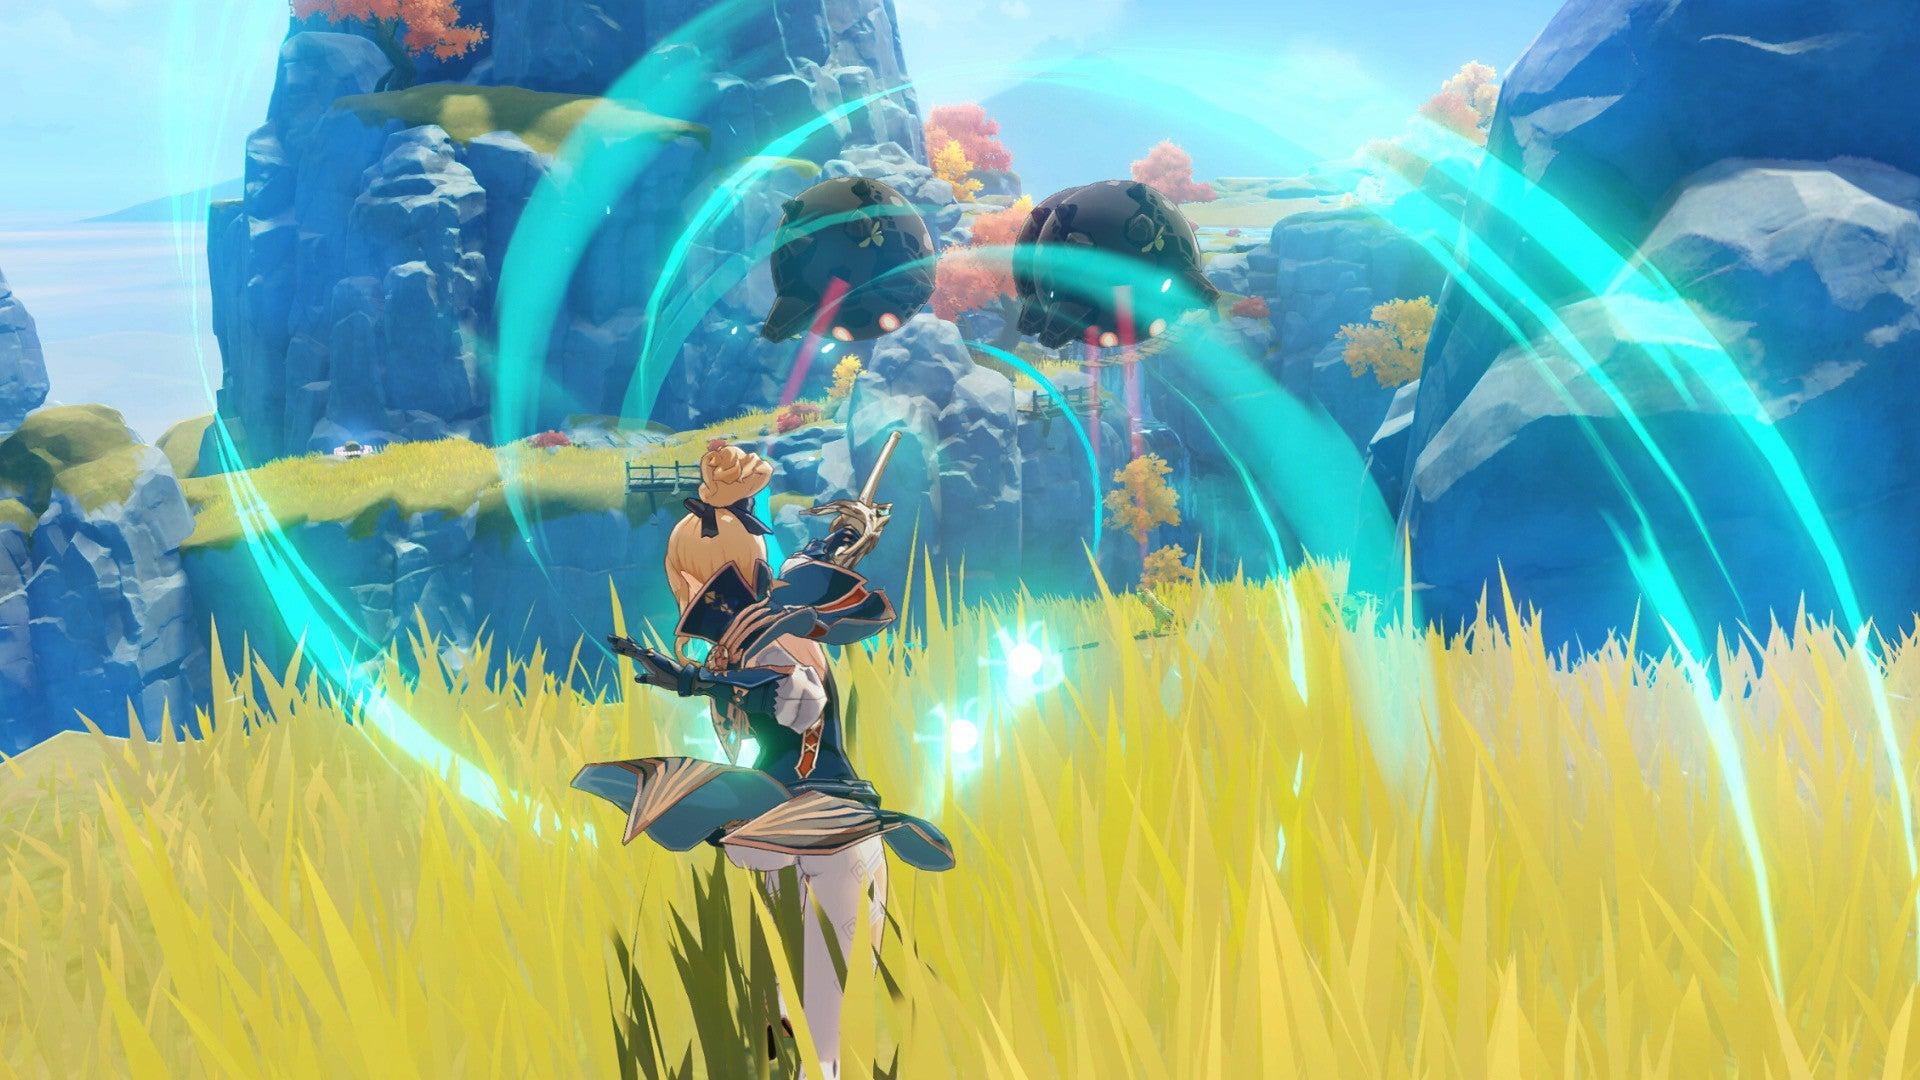 Screenshot of Genshin Impact